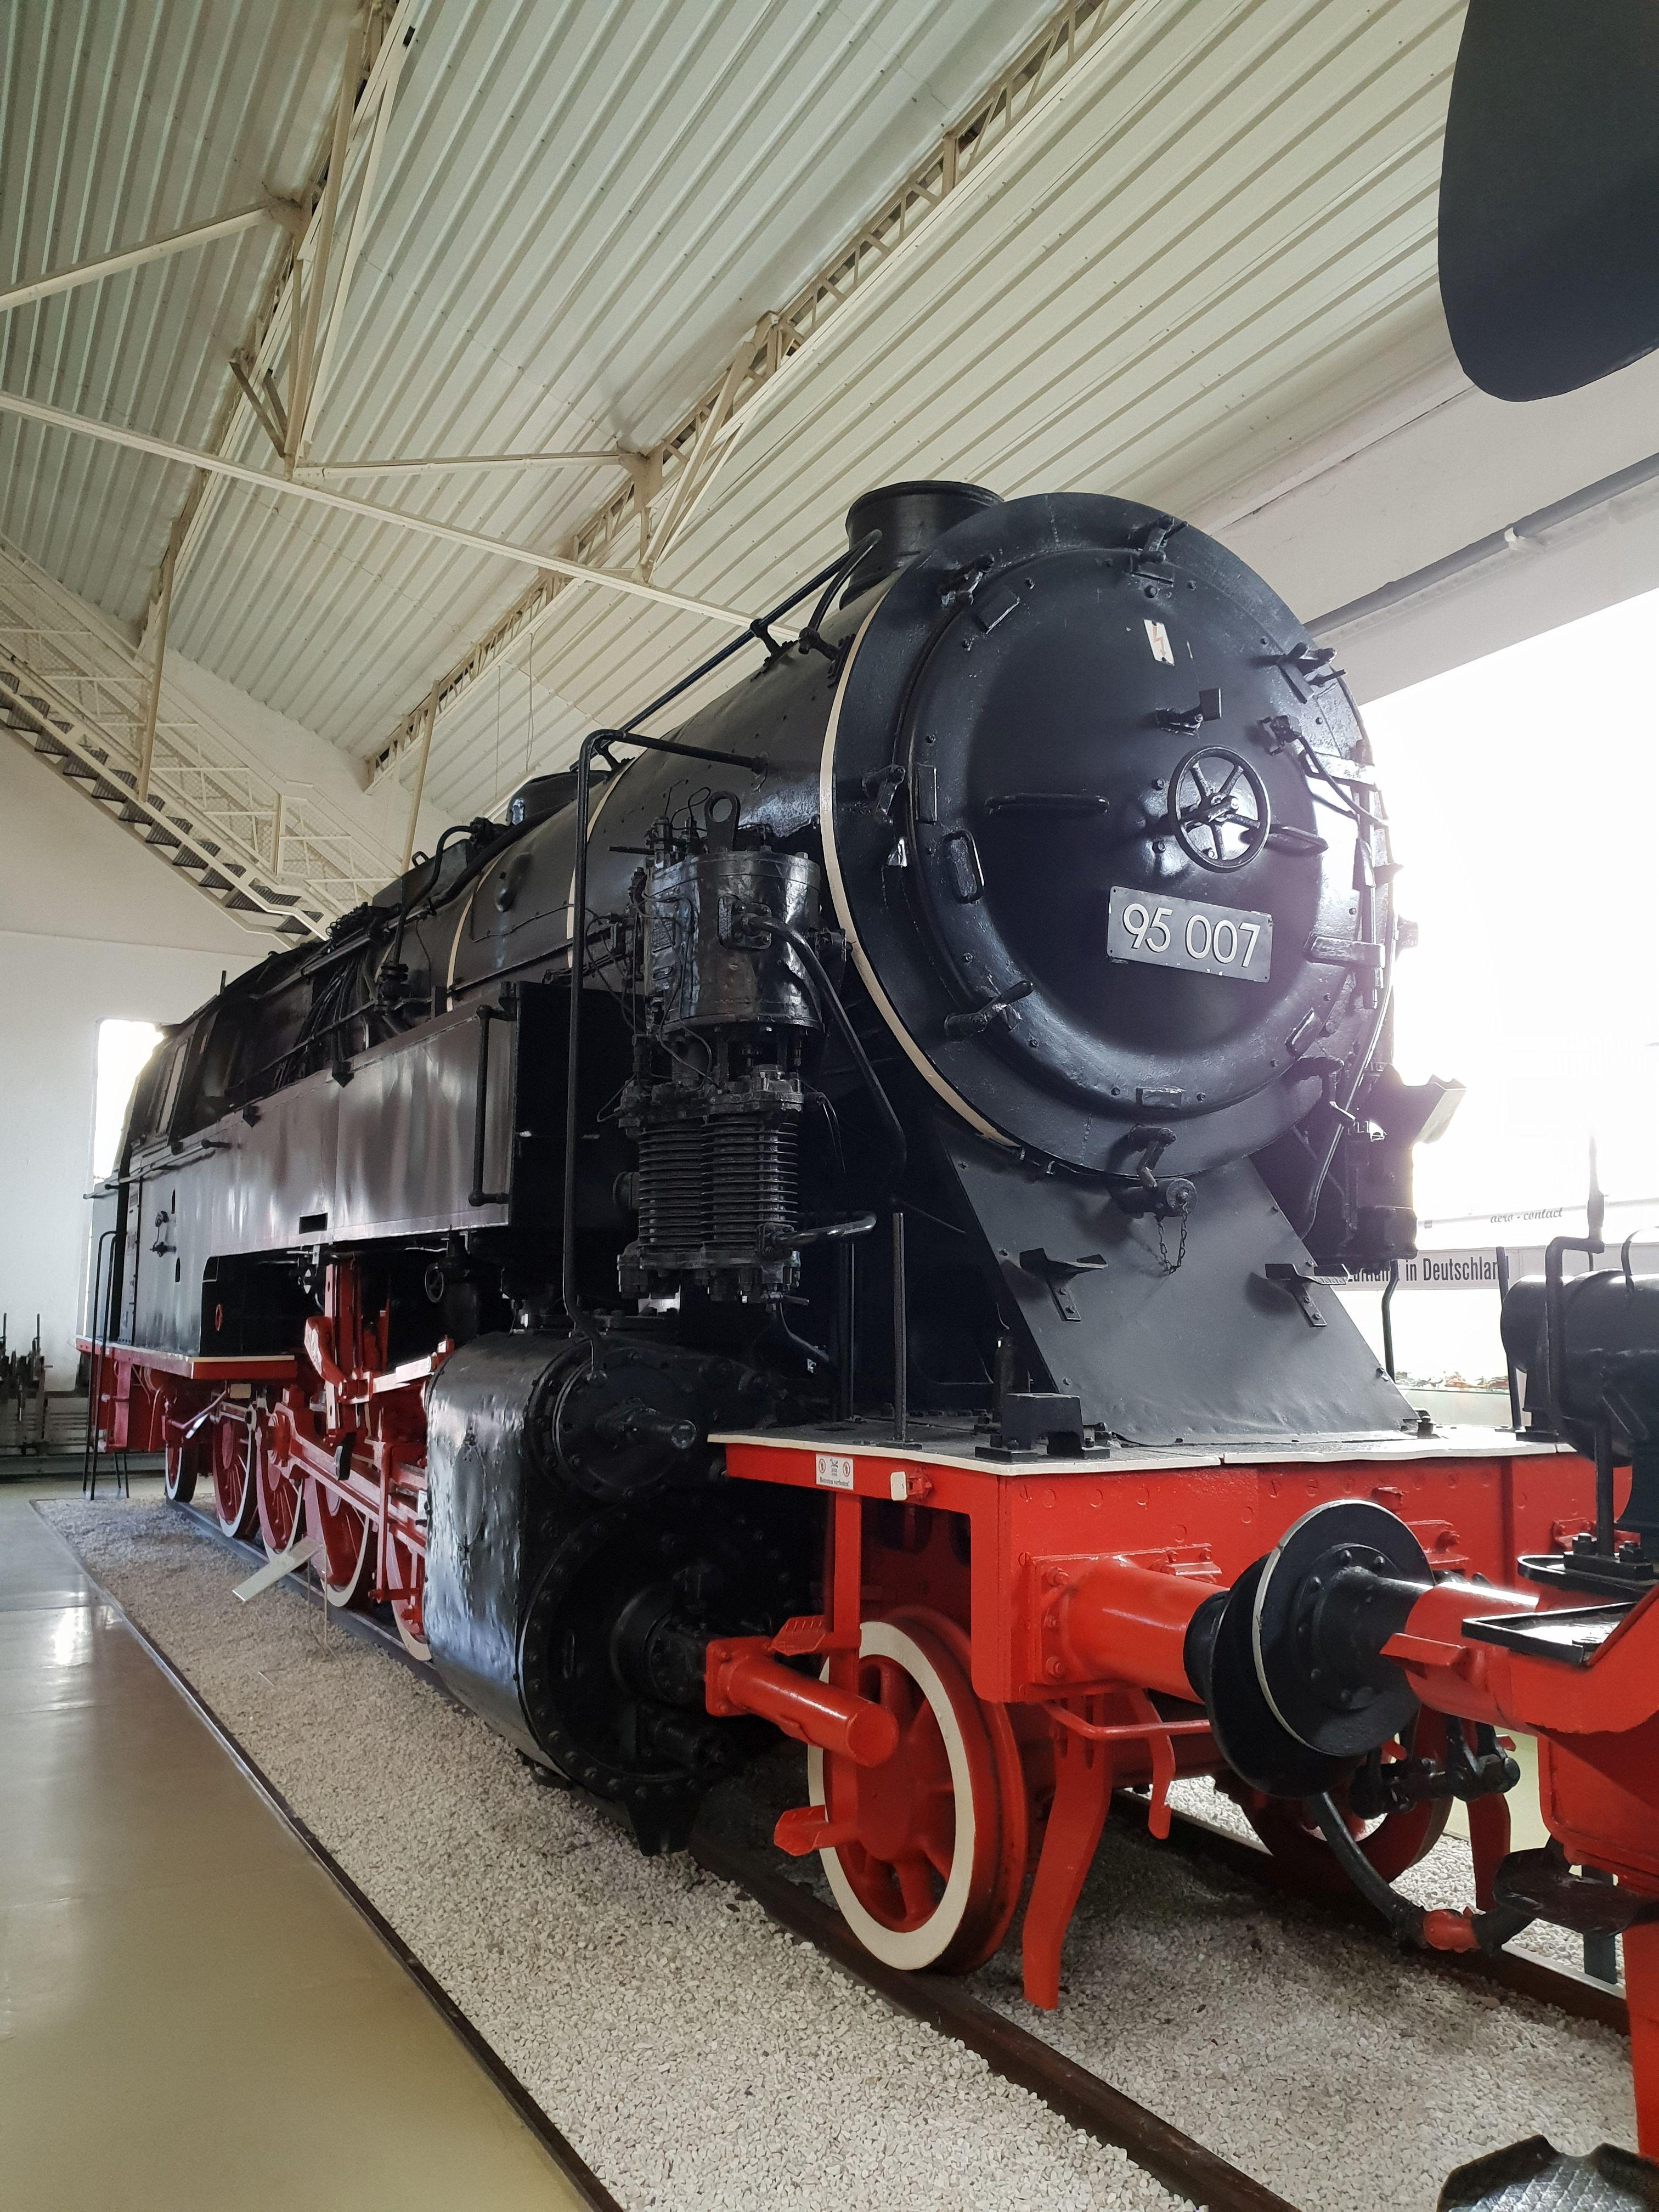 95 007 Speyer 2018